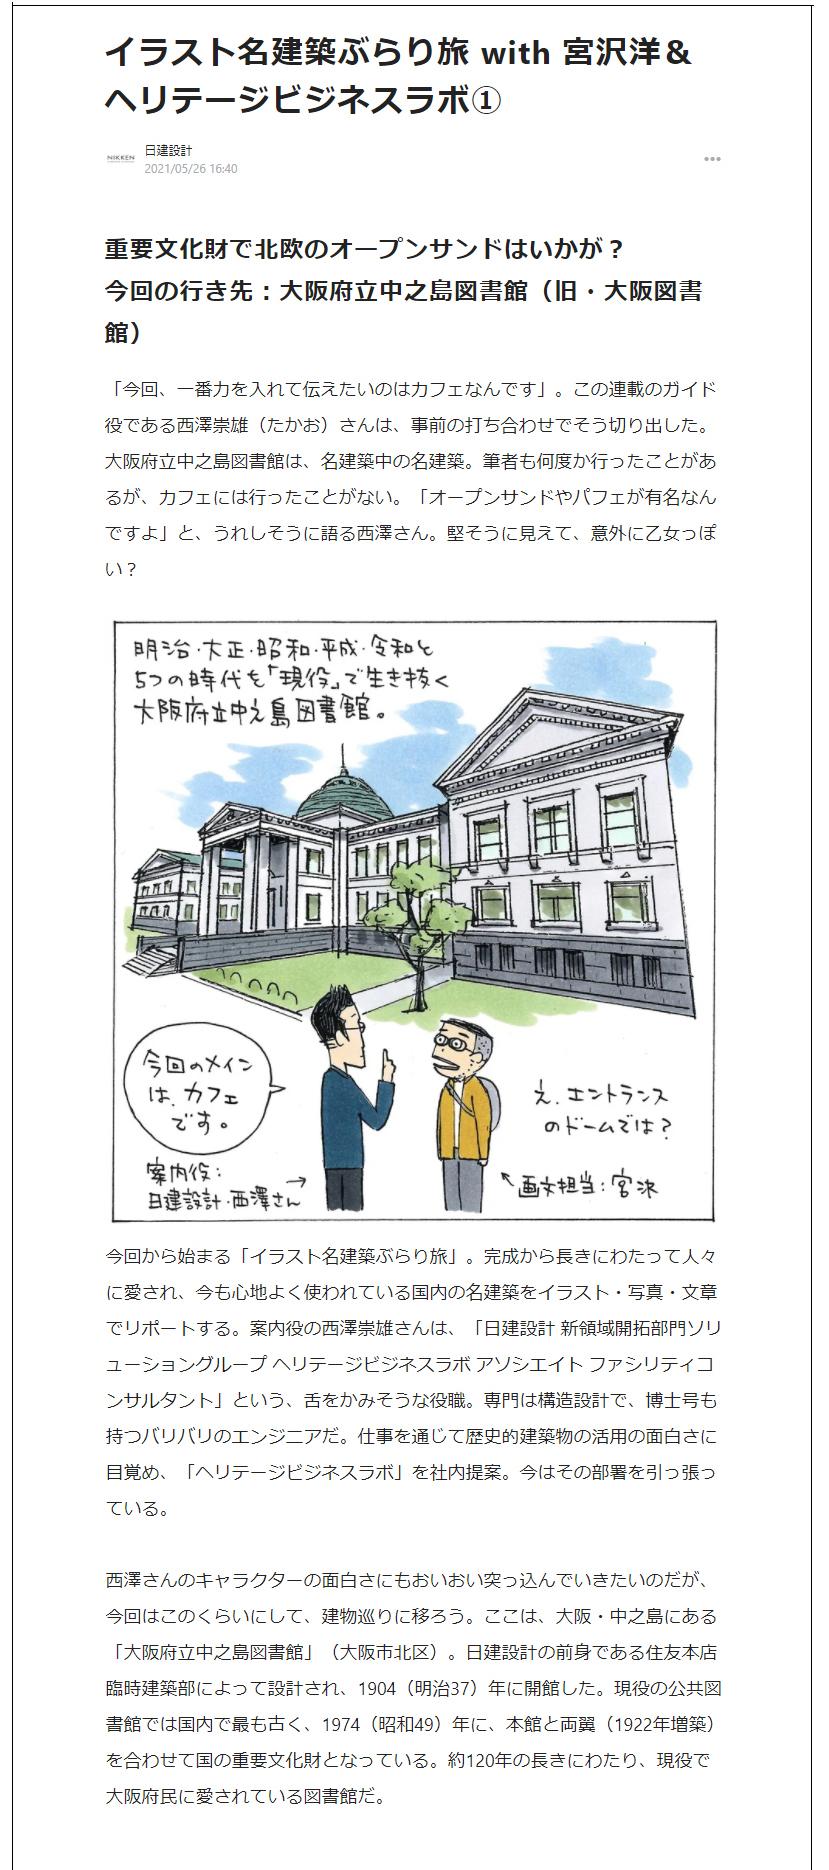 日建設計 note連載「イラスト名建築ぶらり旅 with 宮沢洋&ヘリテージビジネスラボ」